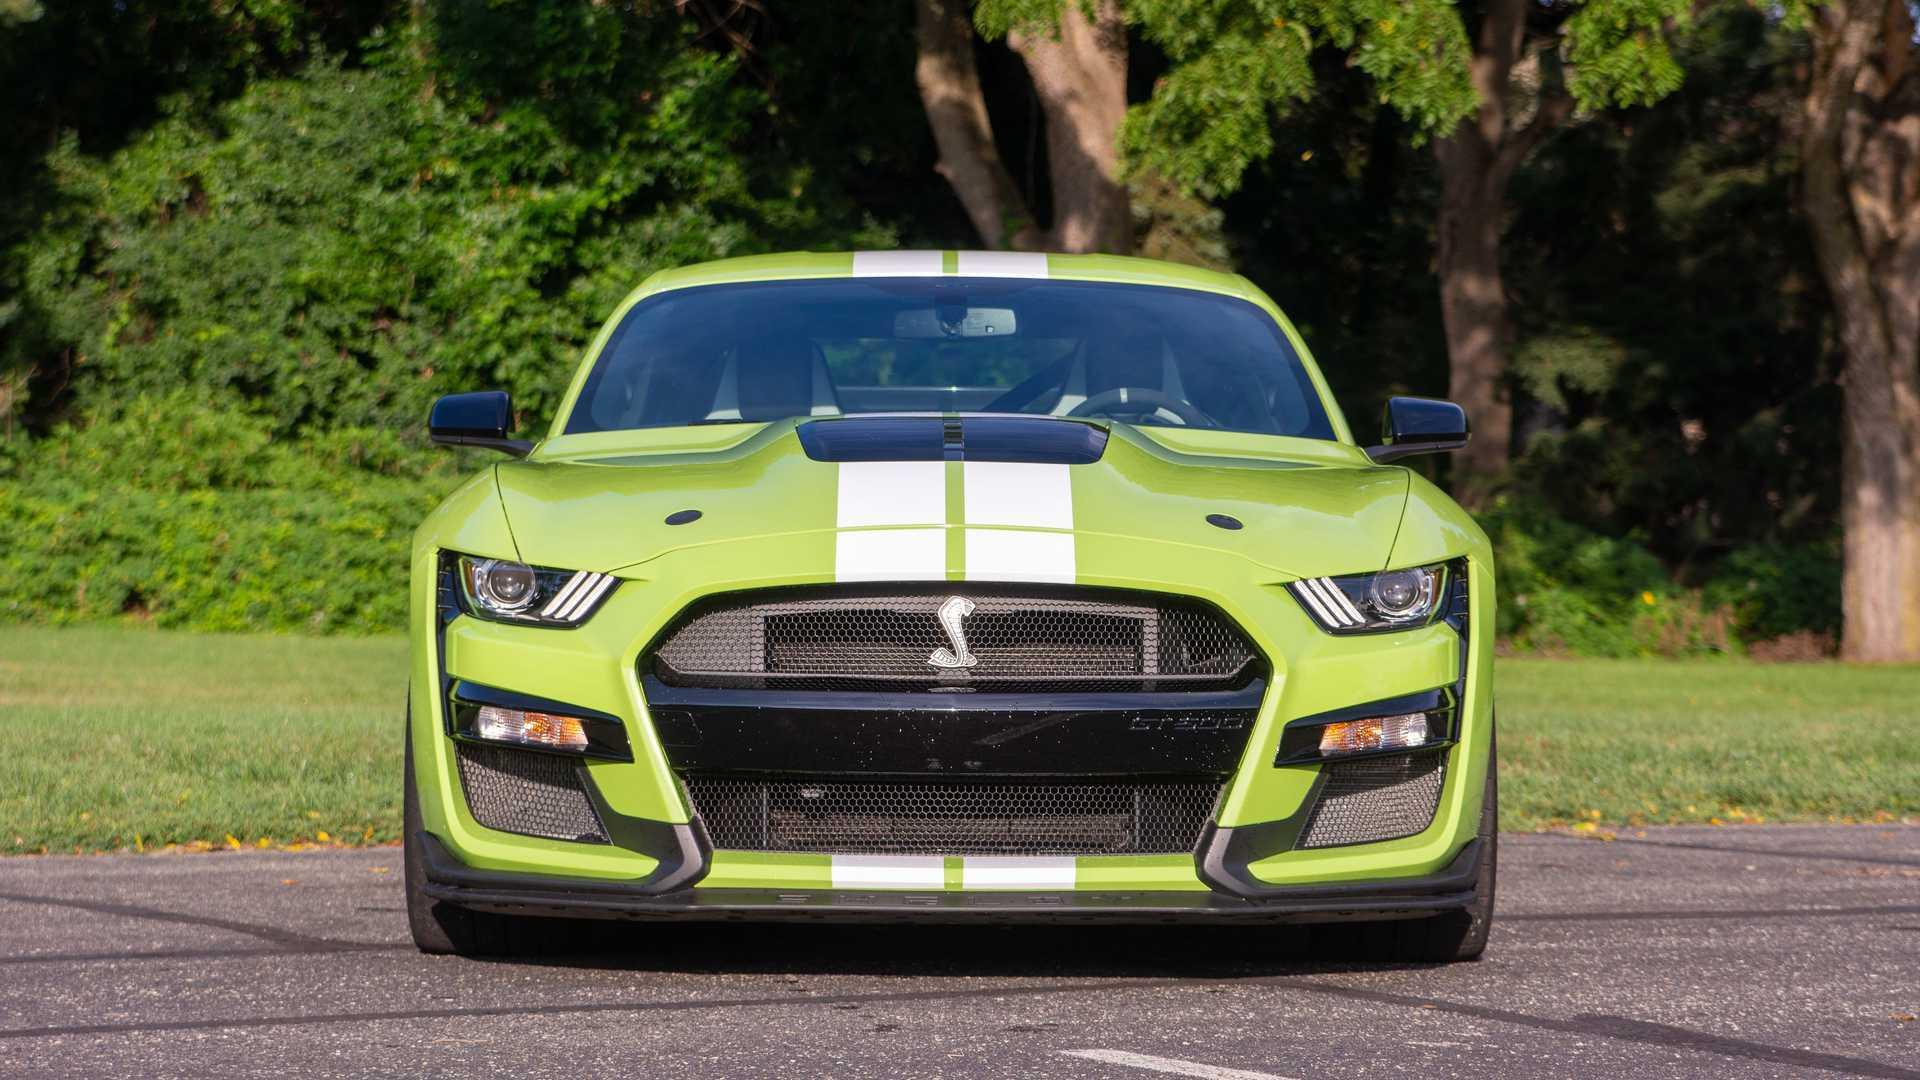 Пакет для обработки углеродного волокна Mustang Shelby GT500 2021 года — вариант за 10 тысяч долларов